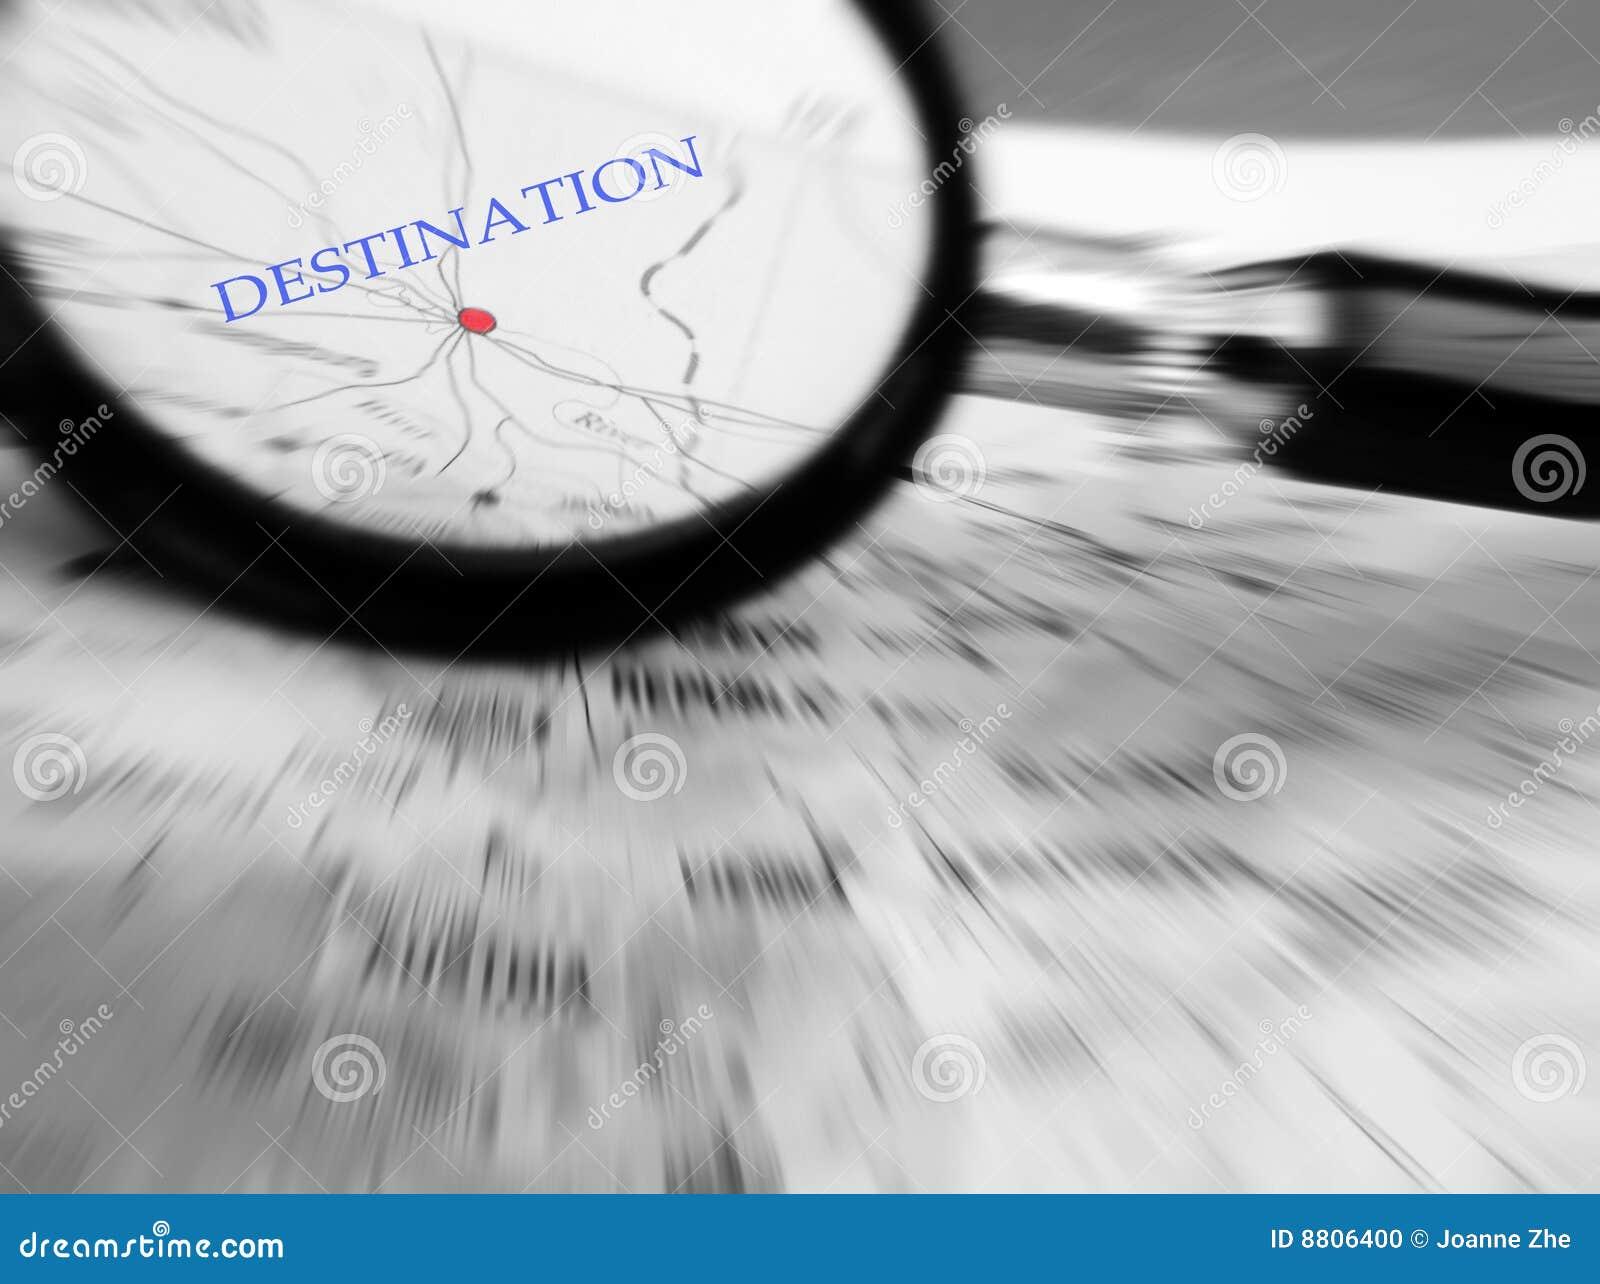 概念目的地重点旅行